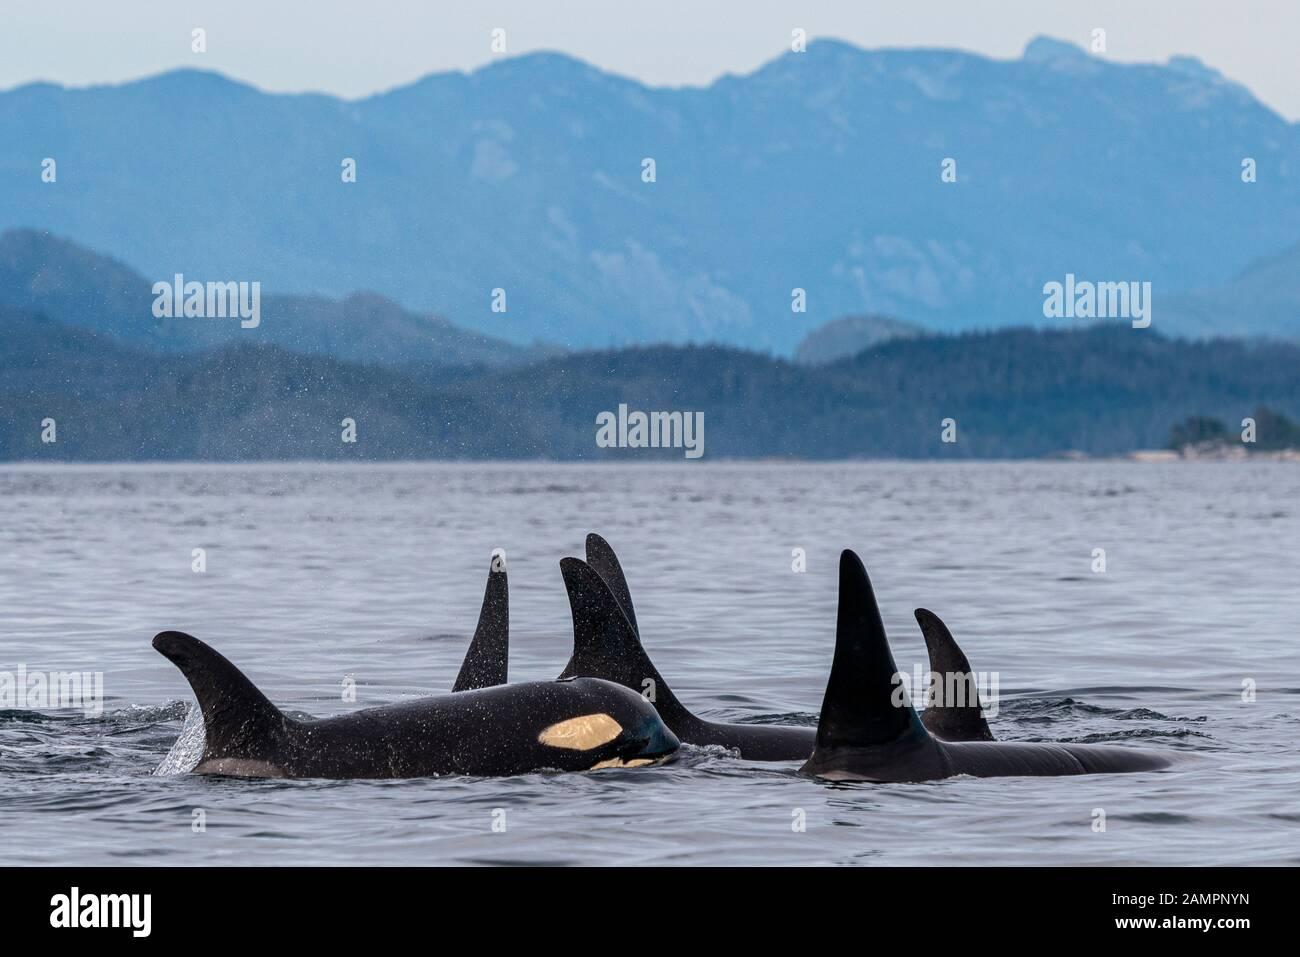 A30's, orcas residentes en el norte de I35s (Orcinus orca) en el estrecho de Queen Charlotte cerca del Archipiélago de Broughton, Territorio De Las Primeras Naciones, Brit Foto de stock